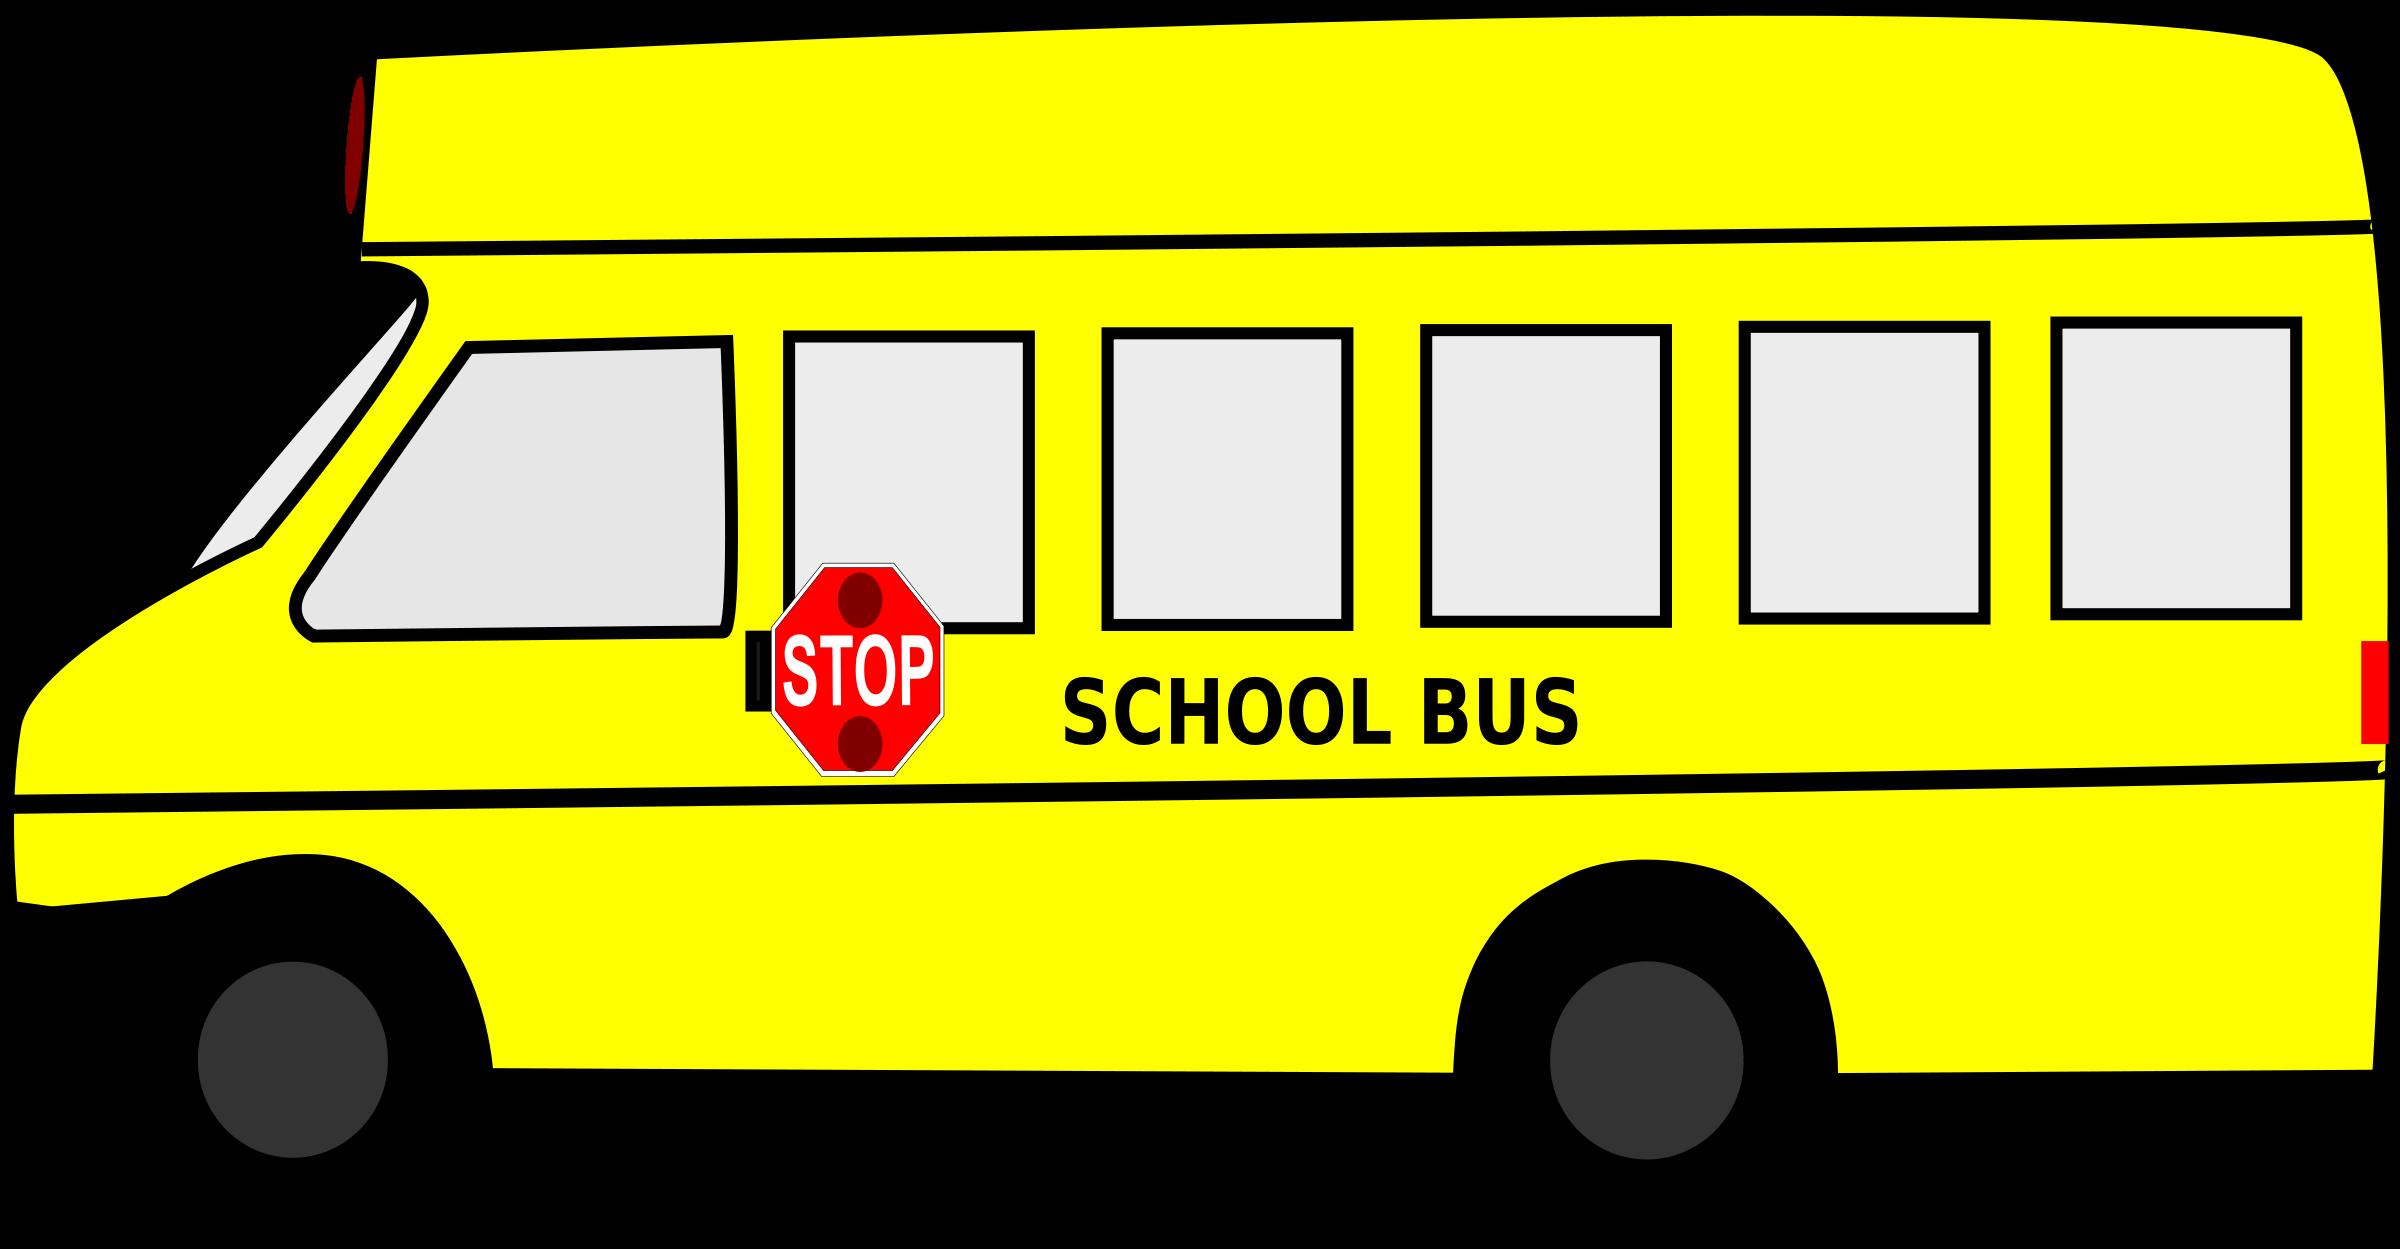 Free clip art school bus clipart images 2 2